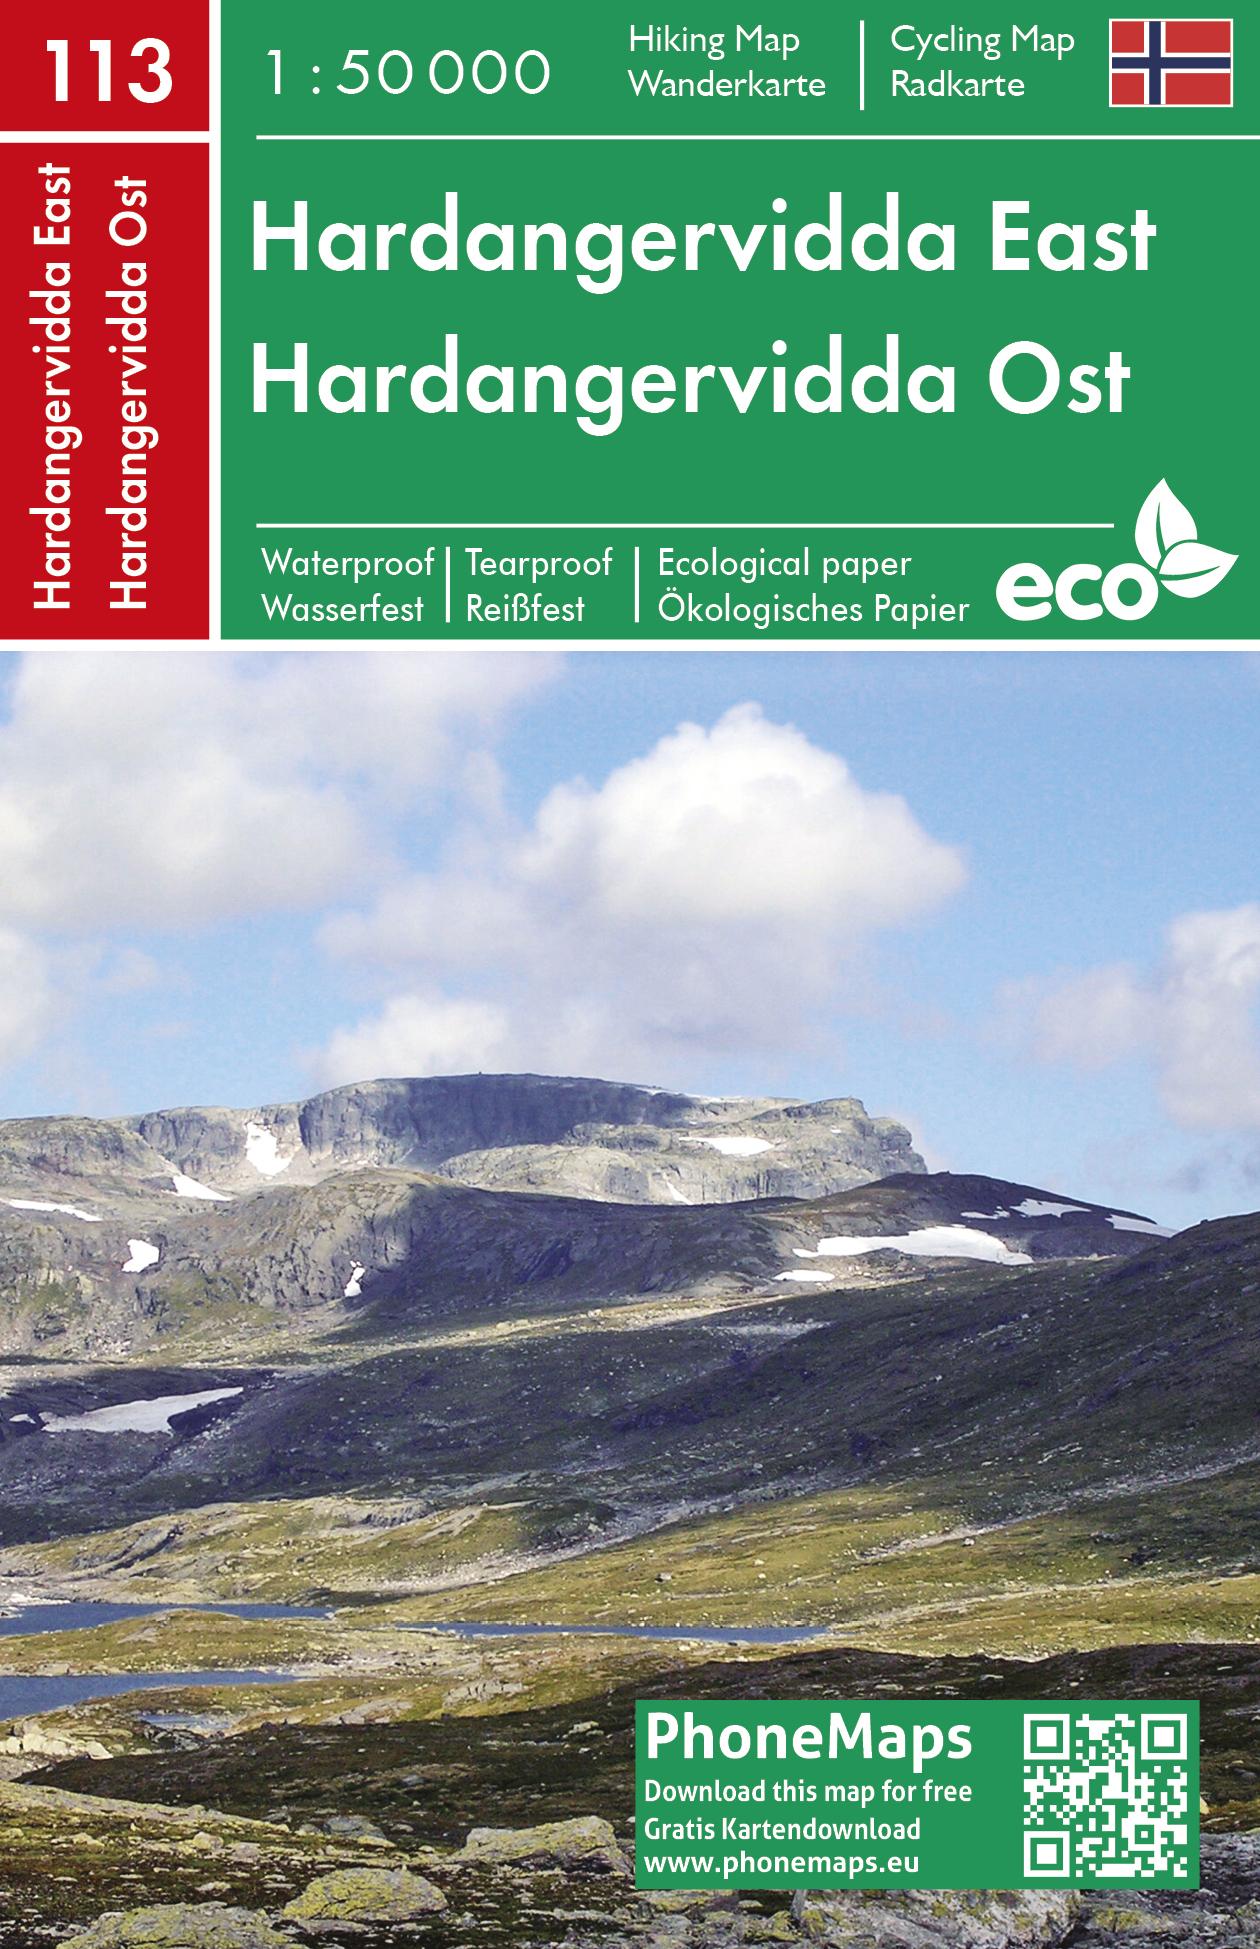 Hardangervidda východ - turistická mapa